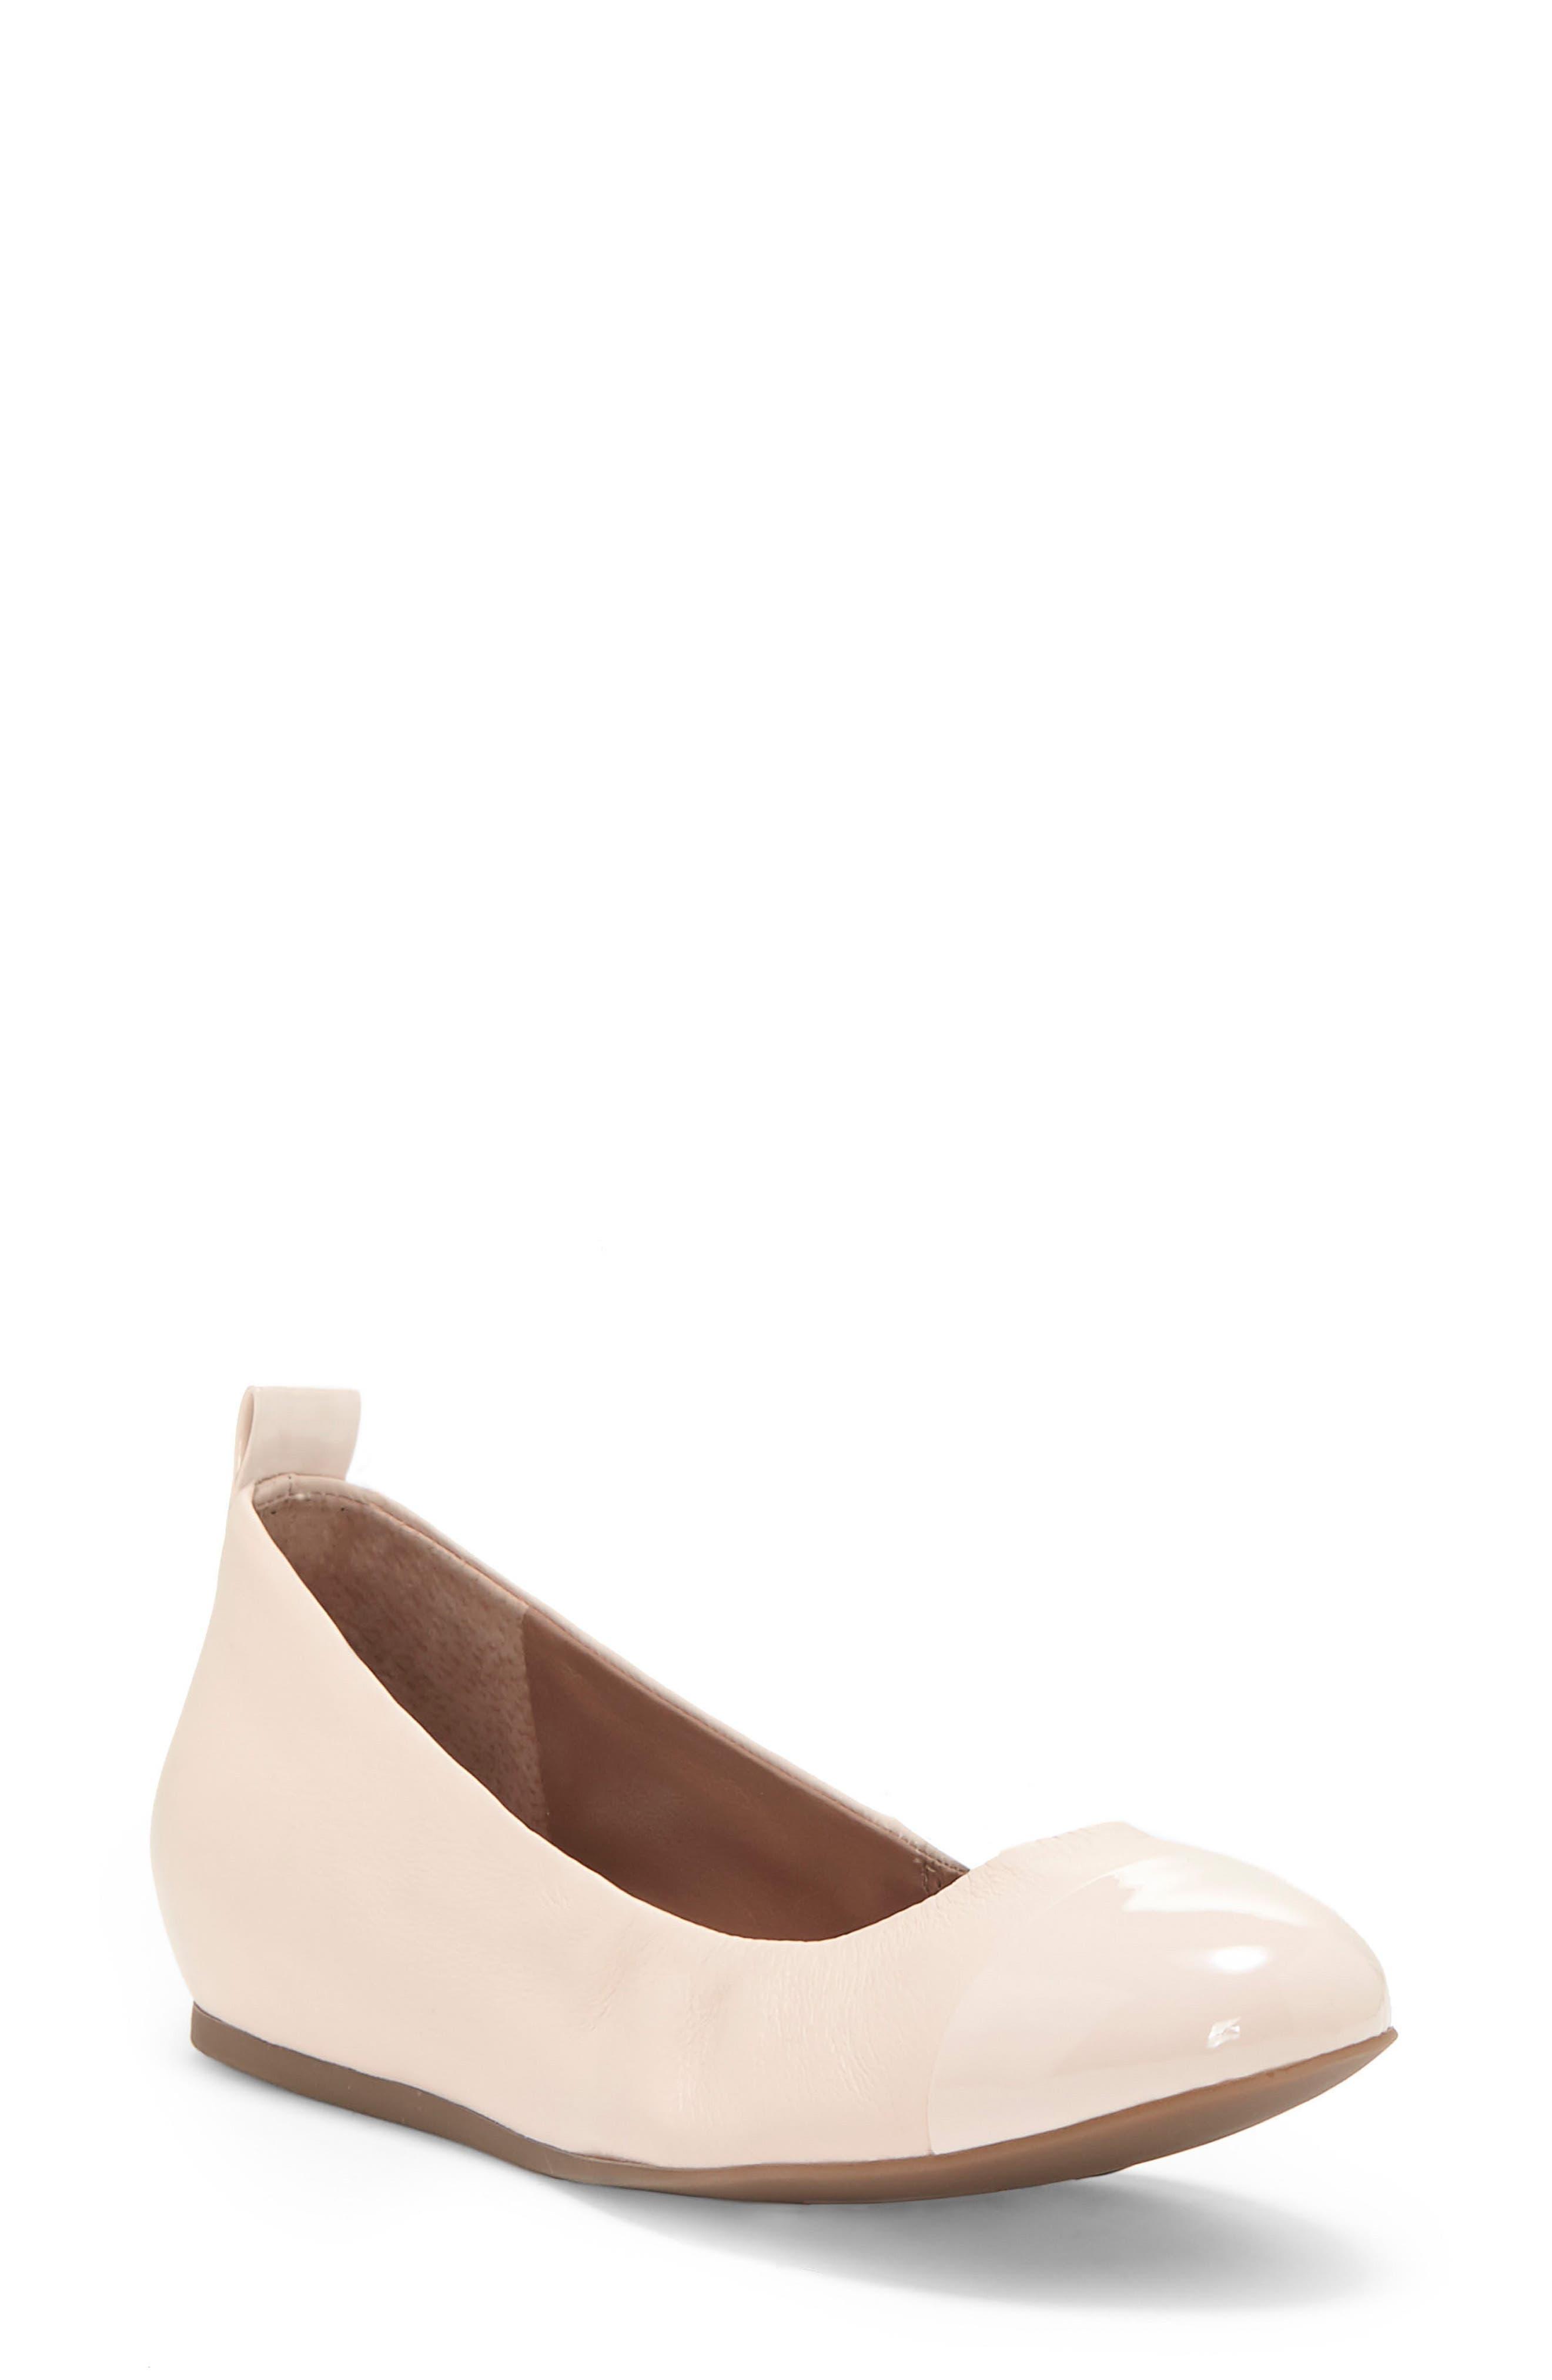 Main Image - ED Ellen DeGeneres Lilliane Cap Toe Ballet Flat (Women)